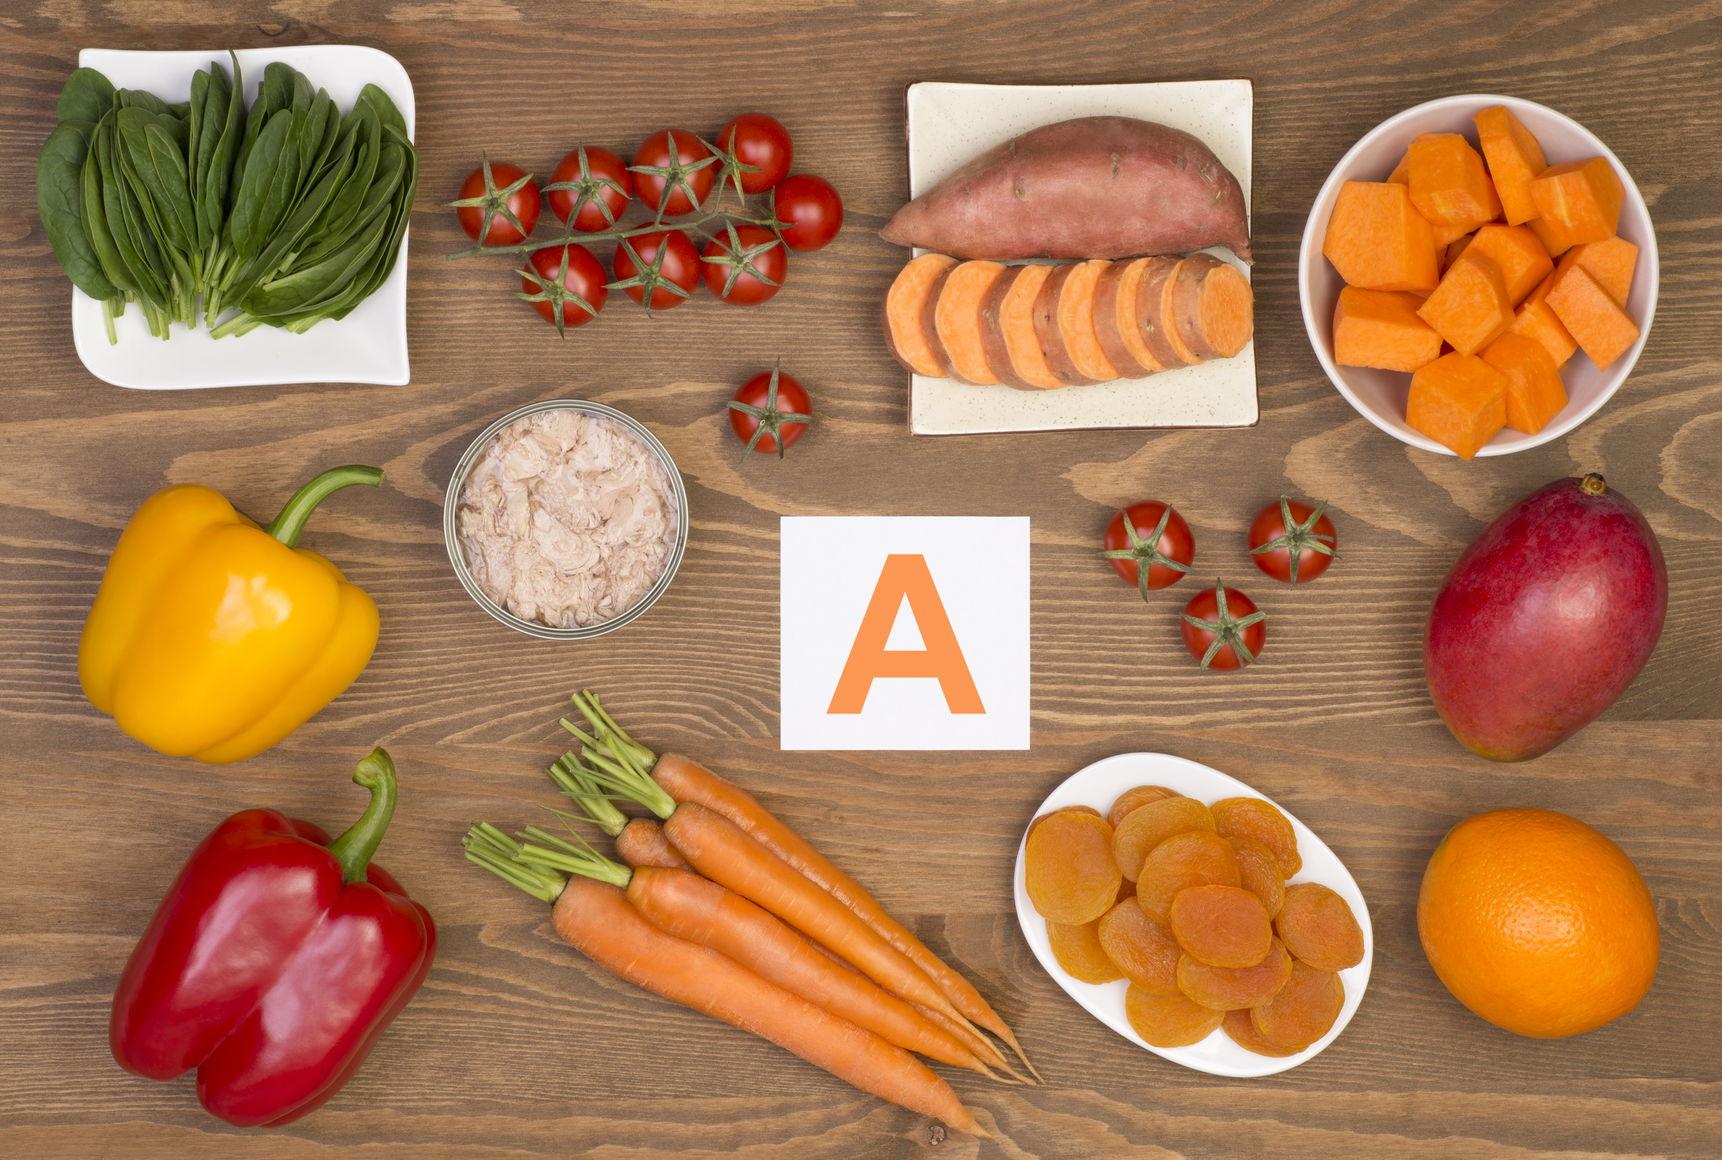 betakaroten er det sterkeste forstadiet til vitamin A